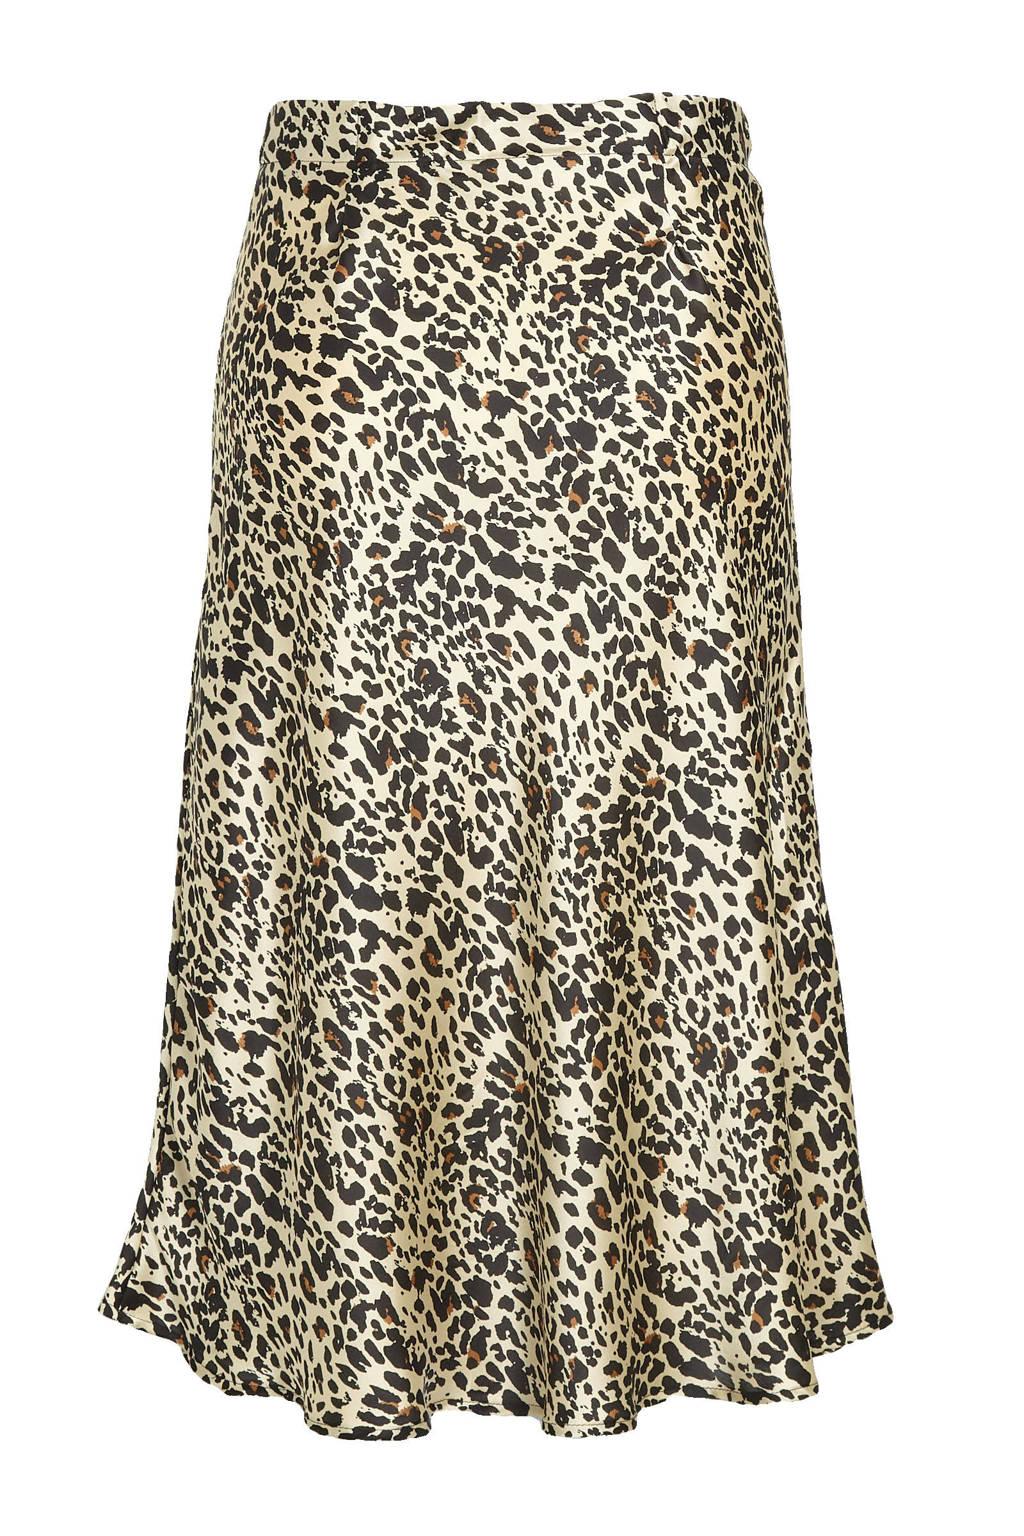 Simply Be rok met panterprint beige/zwart, Beige/zwart